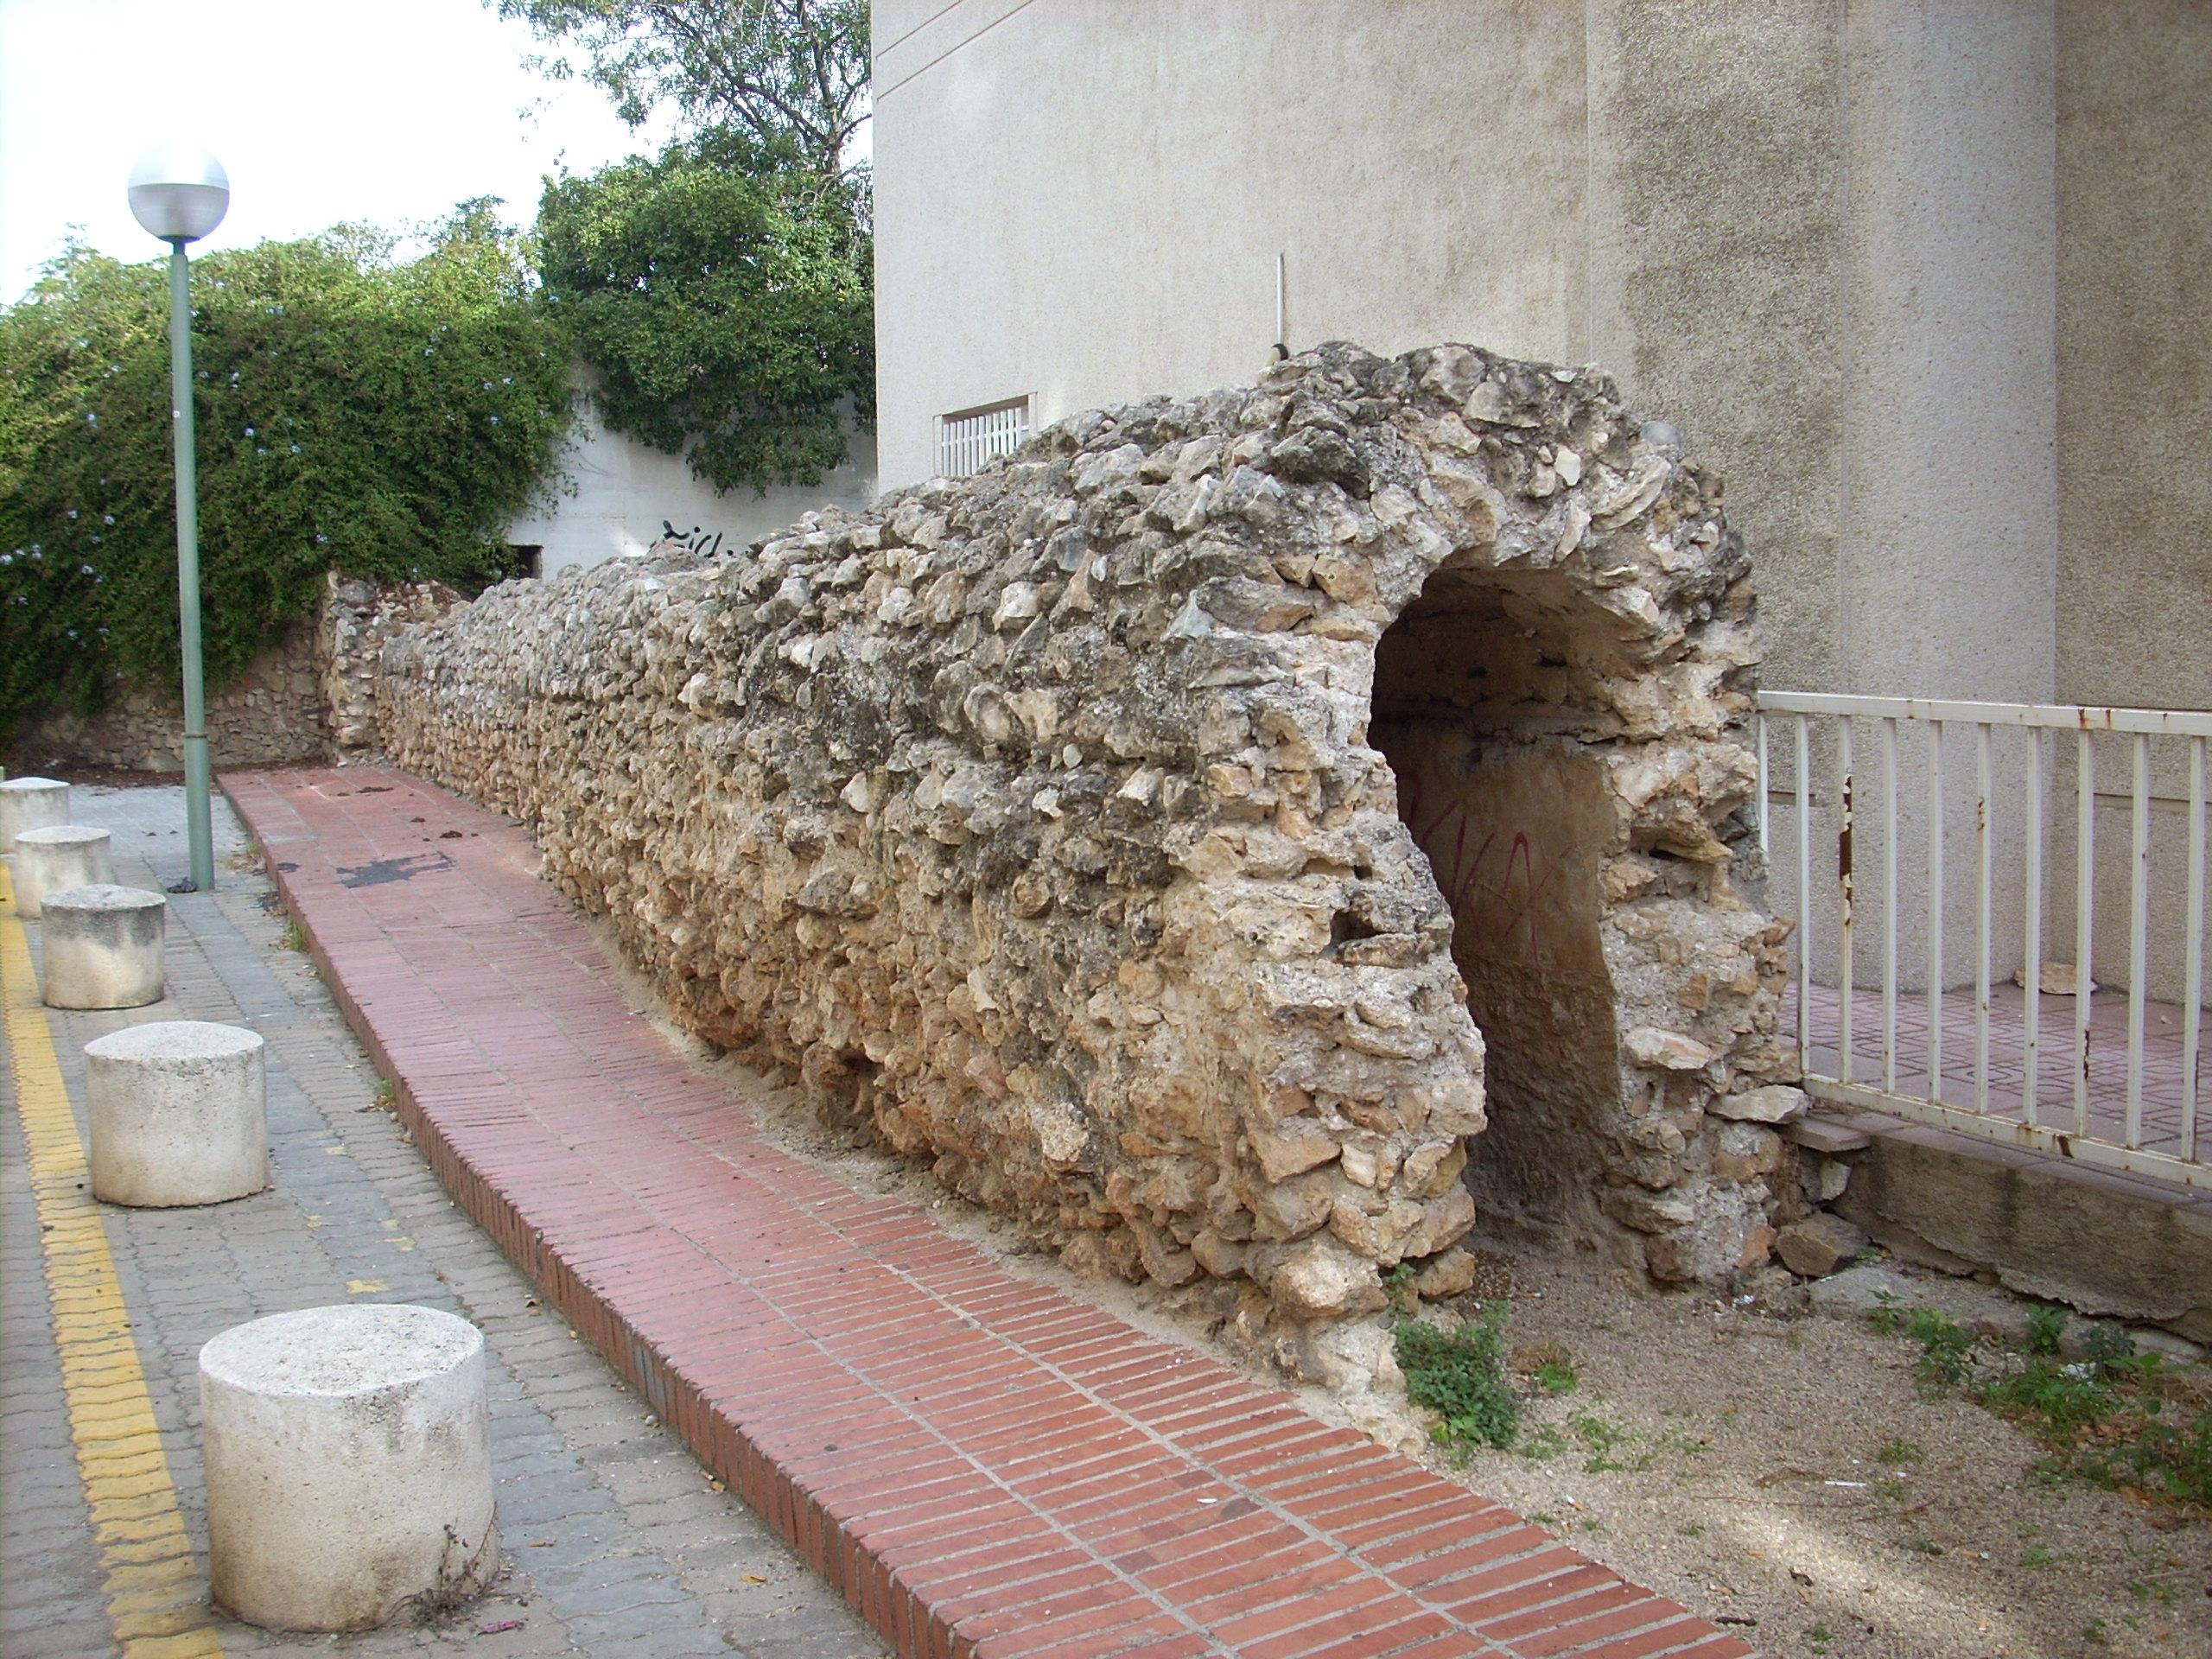 Restes de l'aqüeducte romà del Francolí que es poden observar a l'Avinguda Catalunya de Tarragona. És l'únic lloc on es pot apreciar la secció sencera de l'antic aqüeducte. Foto: ICAC.